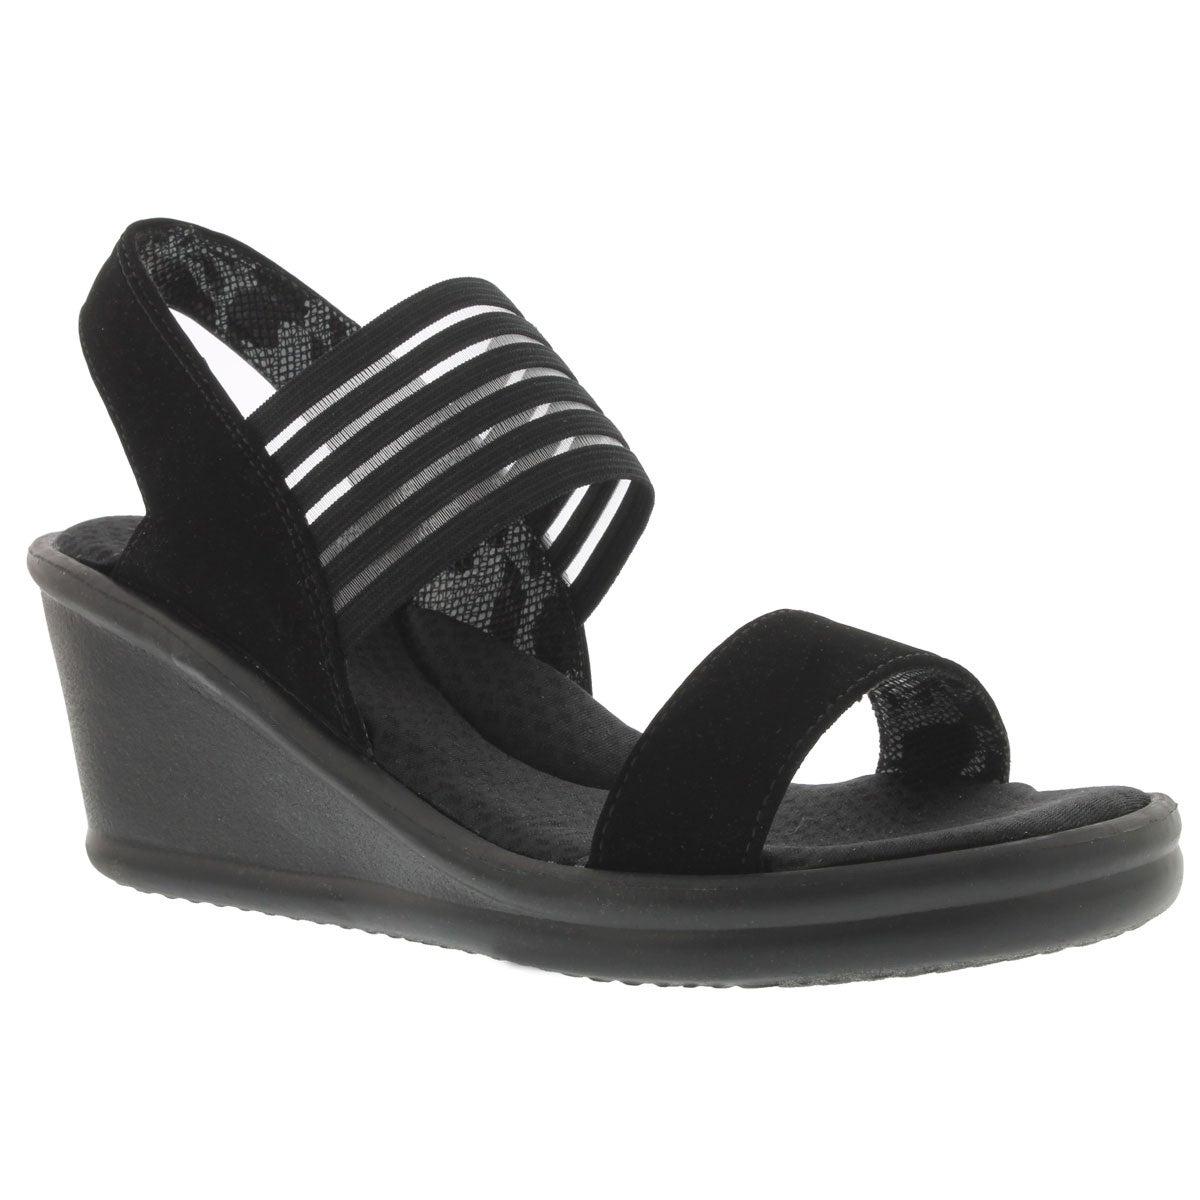 Sandale comp noir SCI-FI, fem